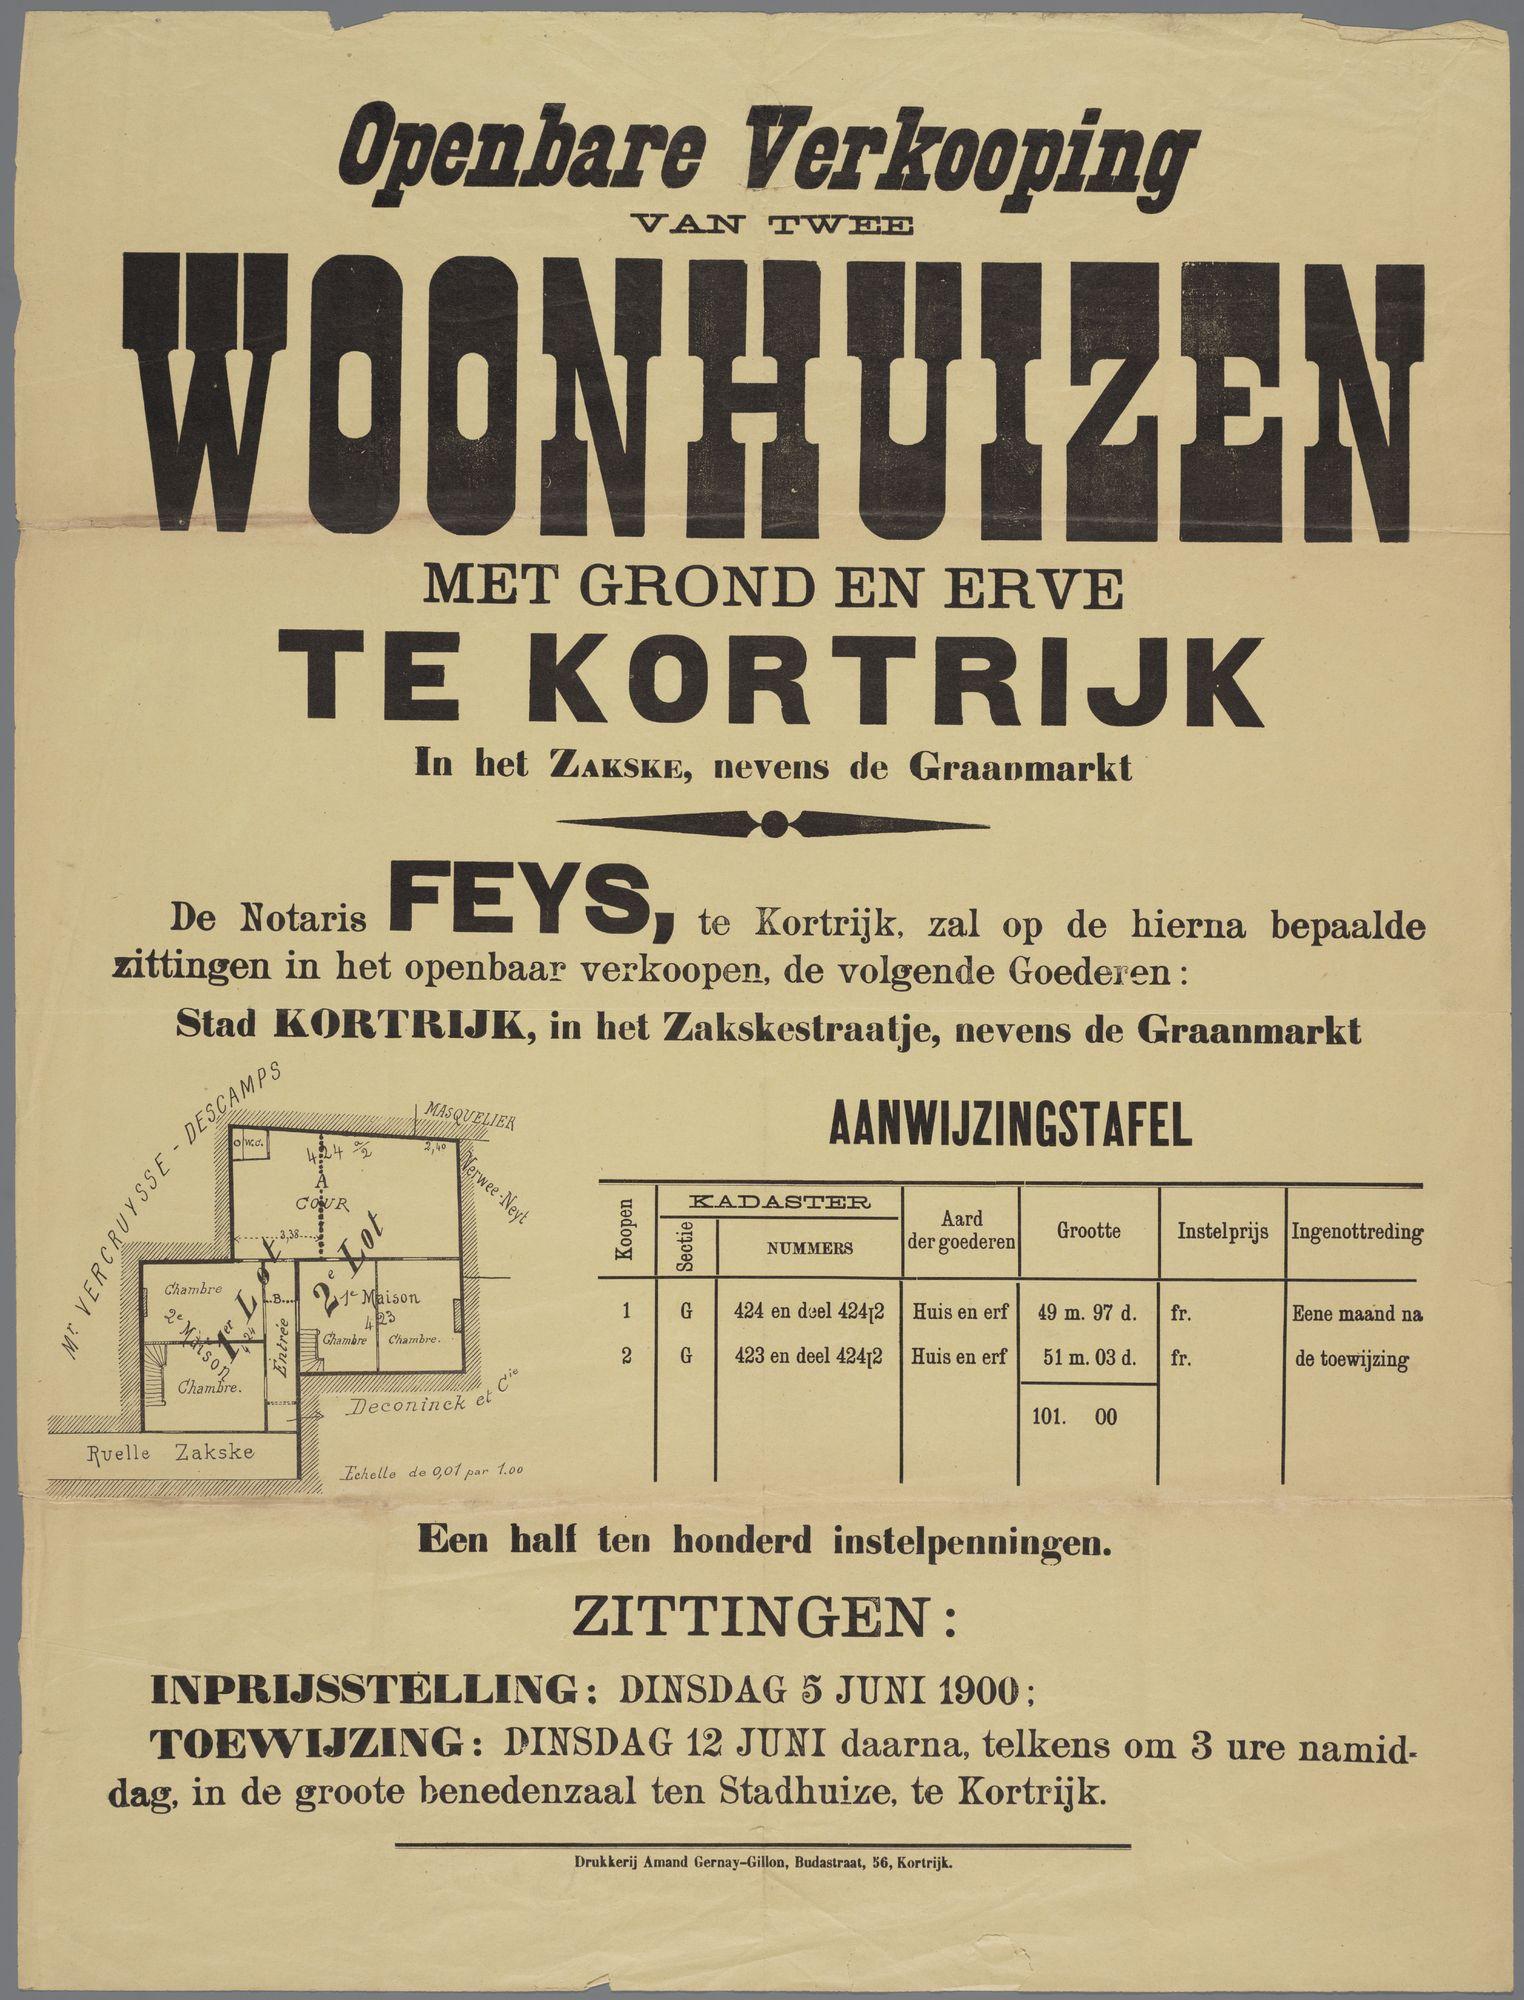 Verkoop woonhuizen te Kortrijk 1900